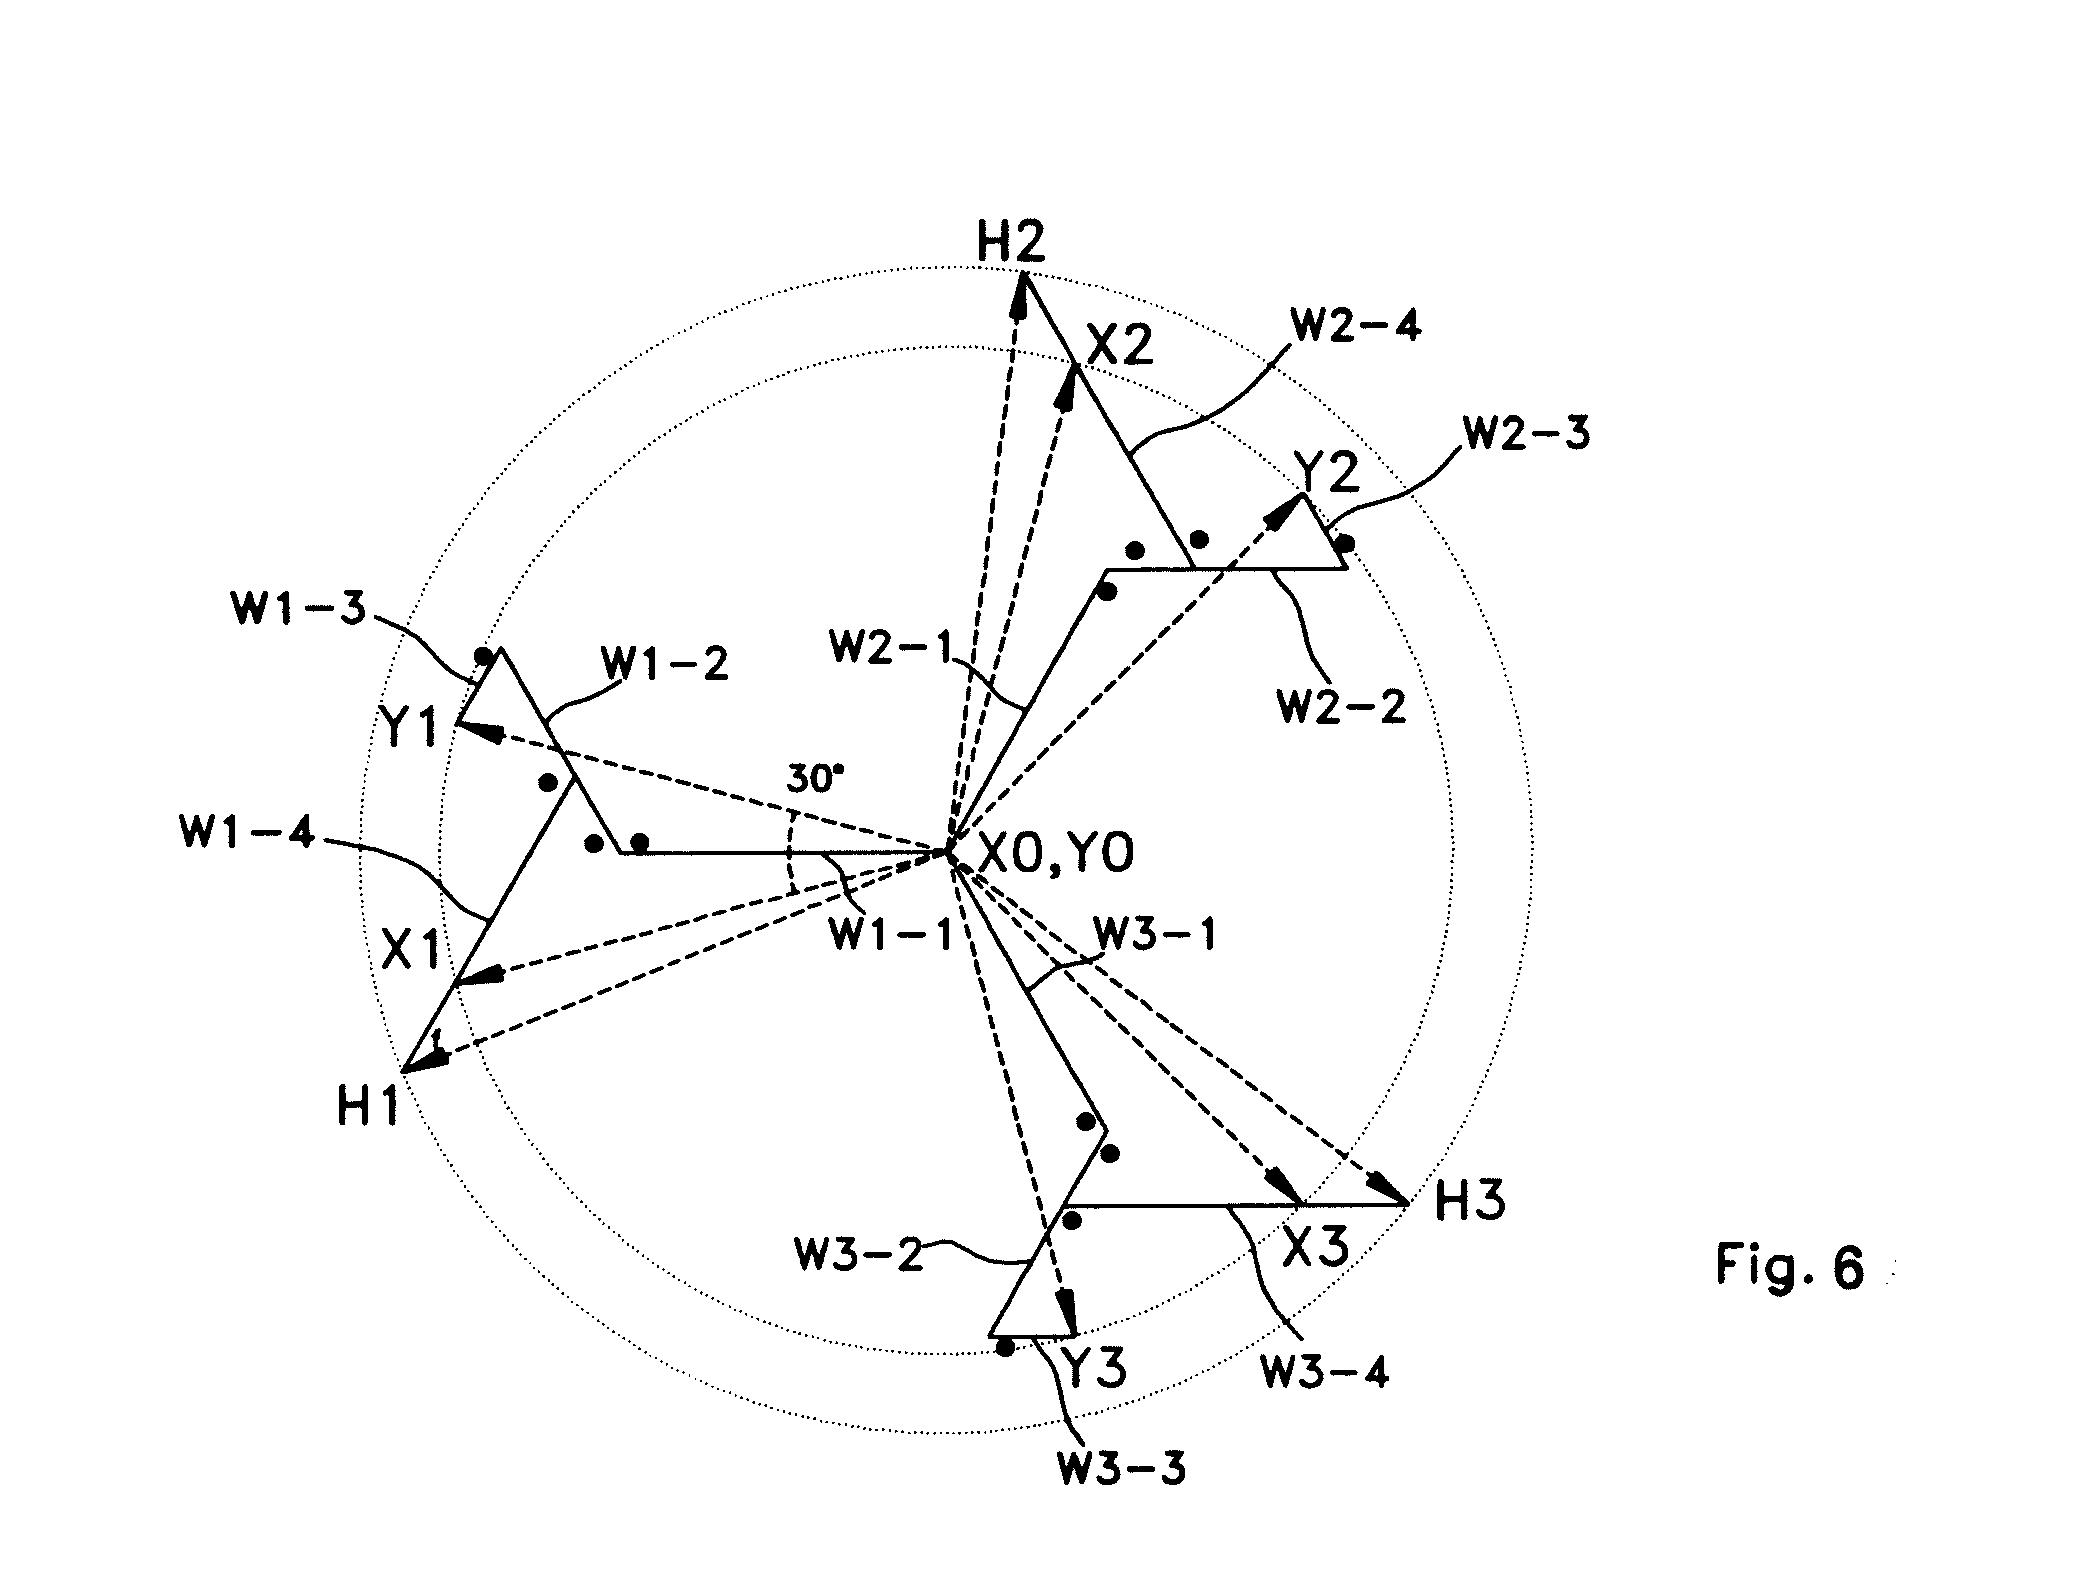 480v 3 phase transformer wiring diagrams for 480v discover your 480 240 120 transformer wiring diagram